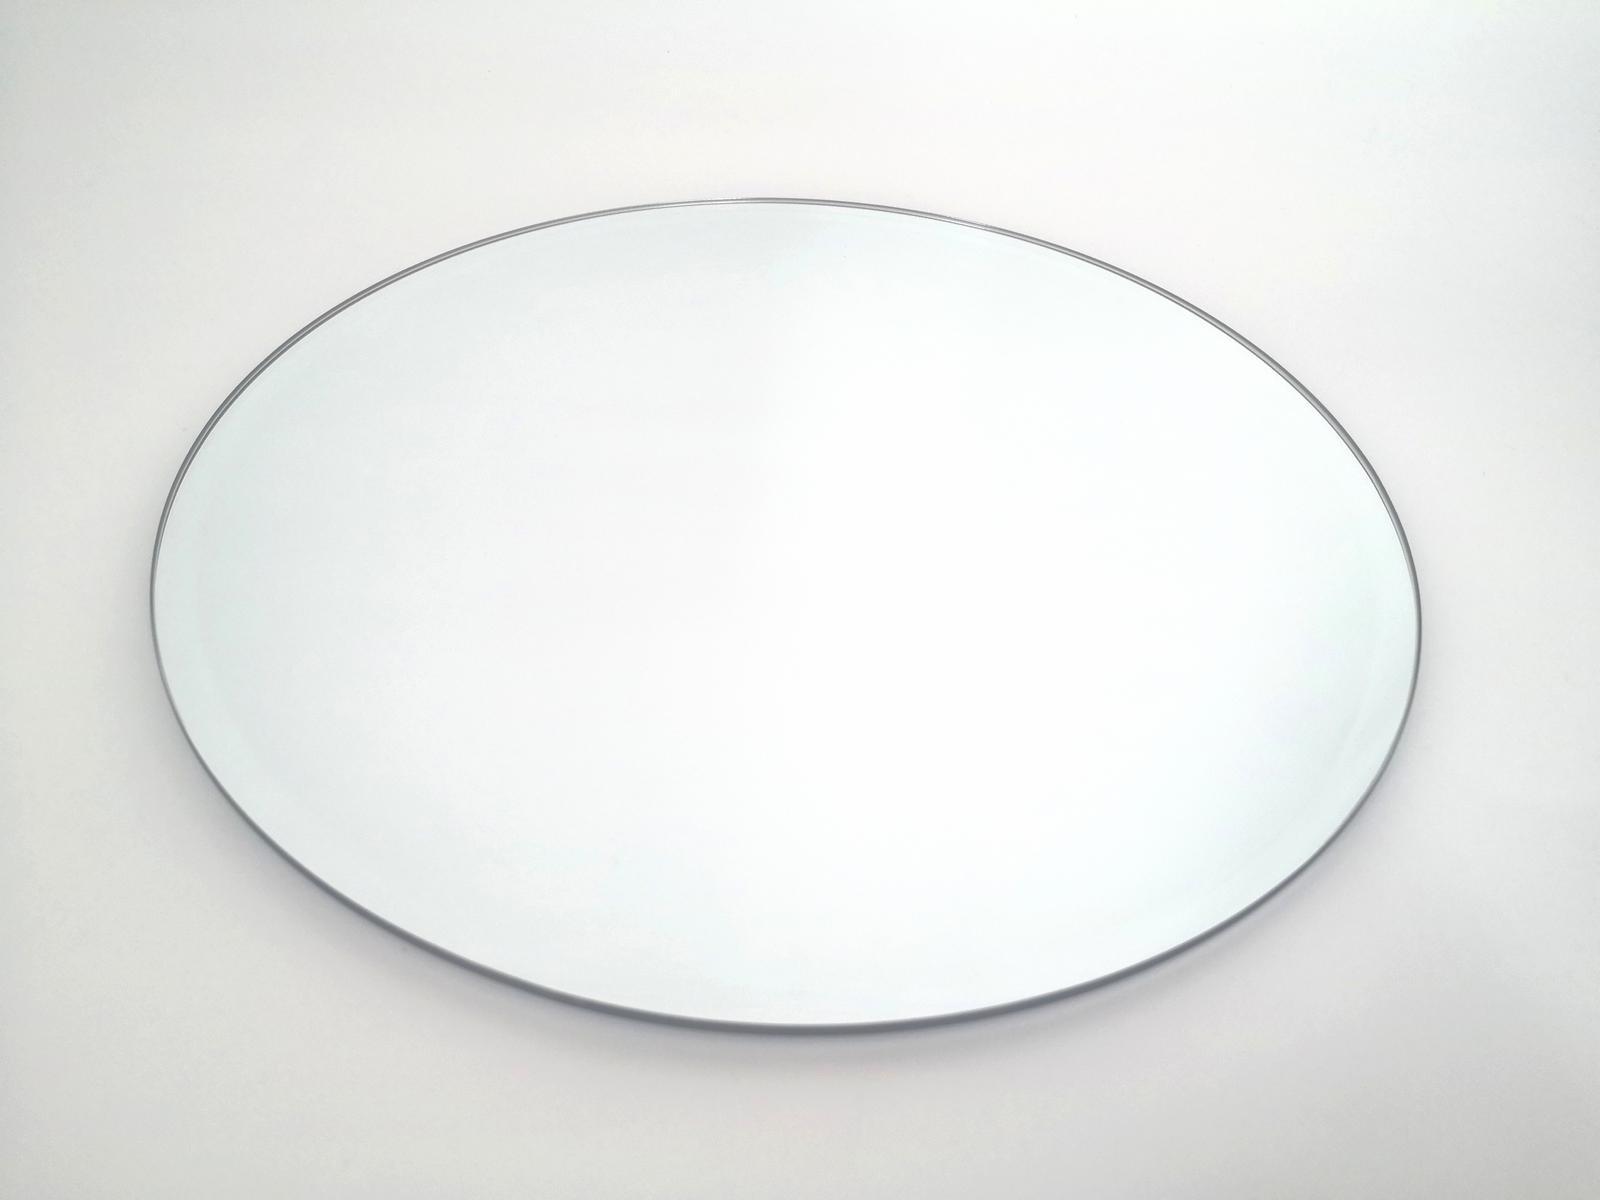 Prenájom - Zrkadlový podnos pod sviečku 25 cm - Obrázok č. 2